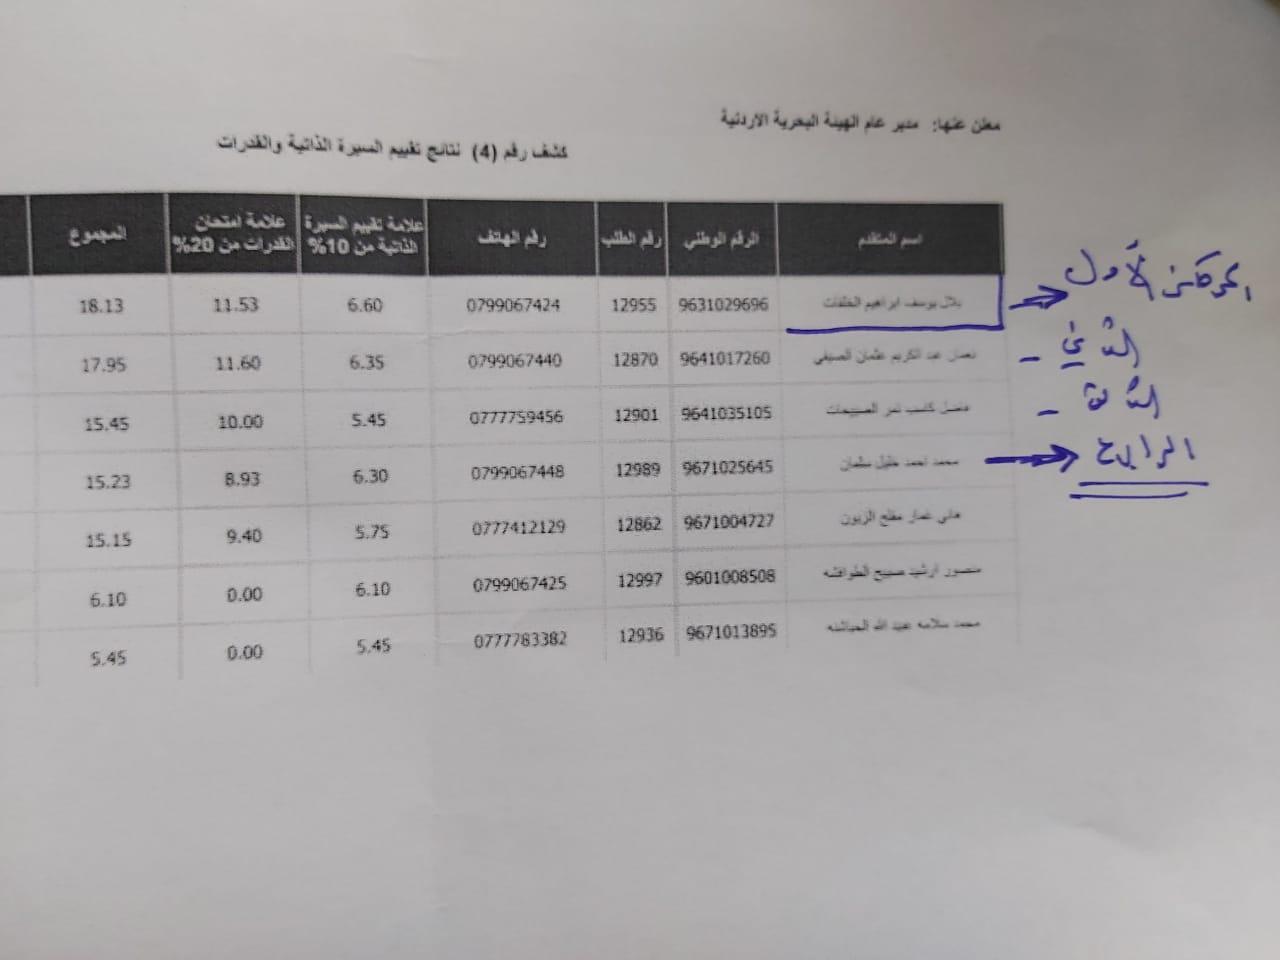 بالوثيقة  ..  المهندس بلال الخلفات يحقق اعلى العلامات بديوان الخدمة المدنية وتوصية النقل بتعيين آخر